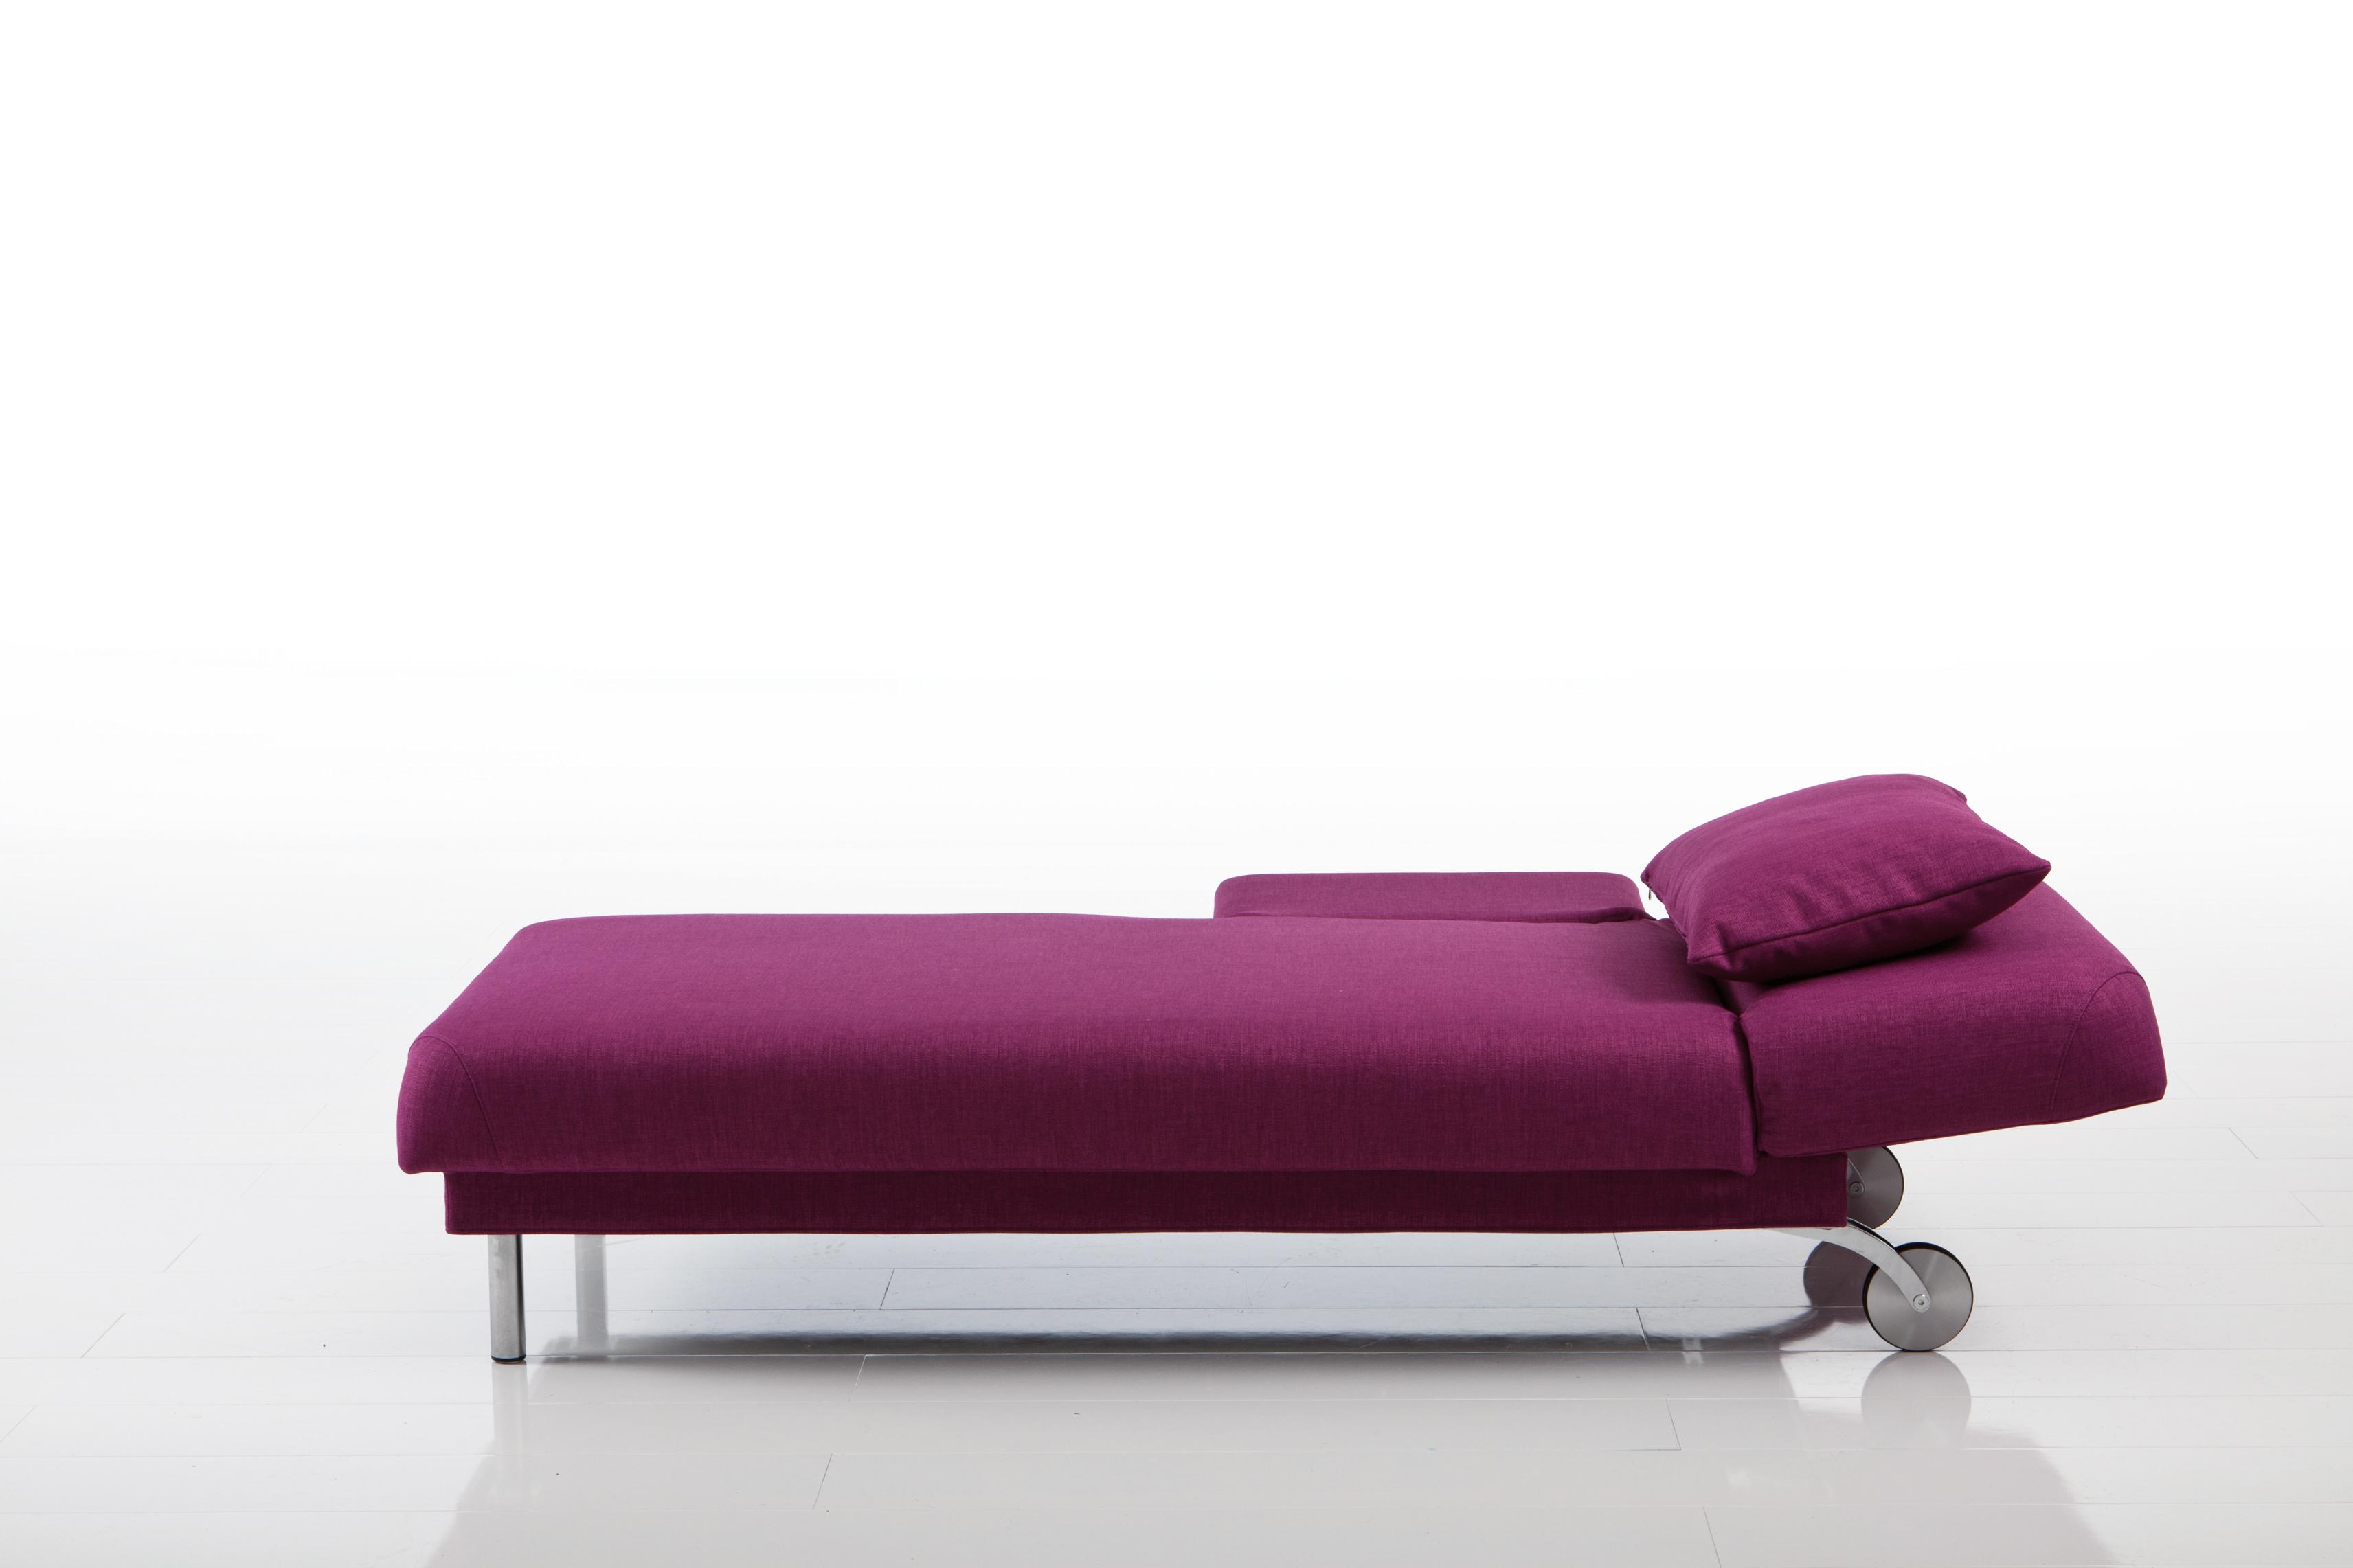 liege tam von br hl sippold. Black Bedroom Furniture Sets. Home Design Ideas